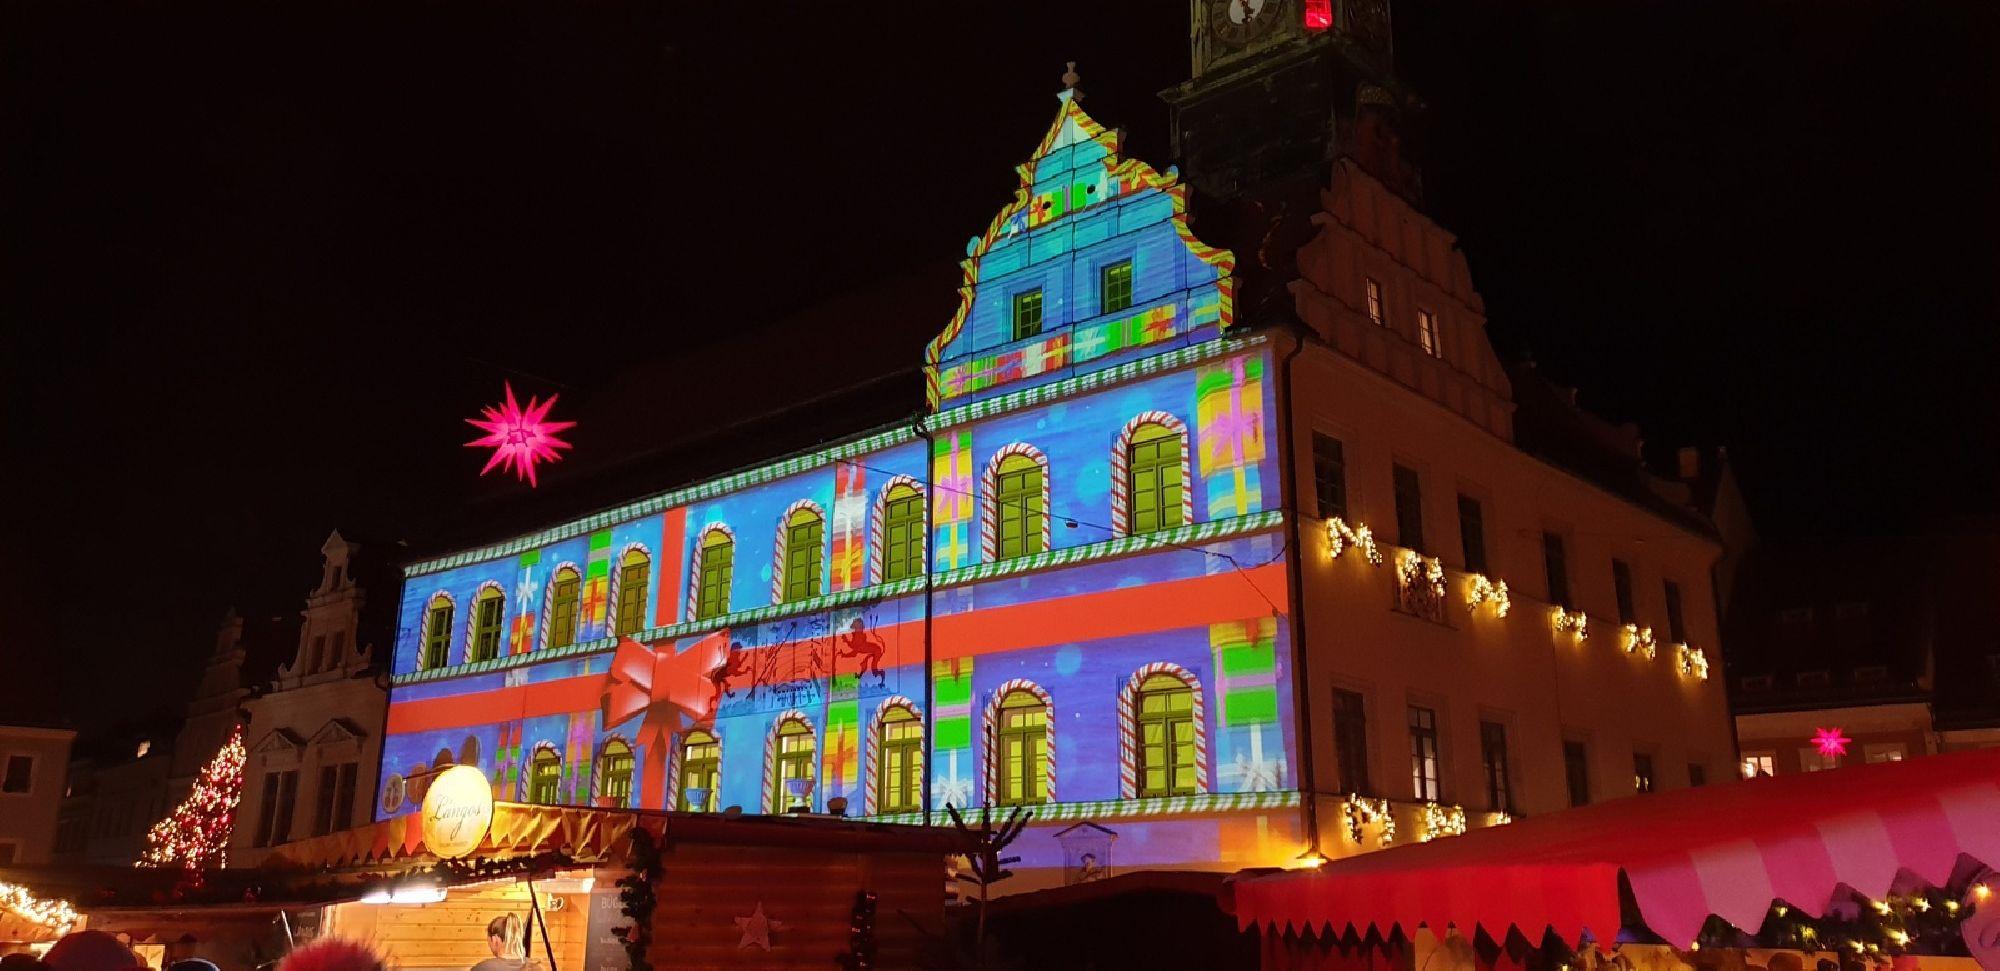 Farbenspiele auf dem Pirnaer Canalettomarkt